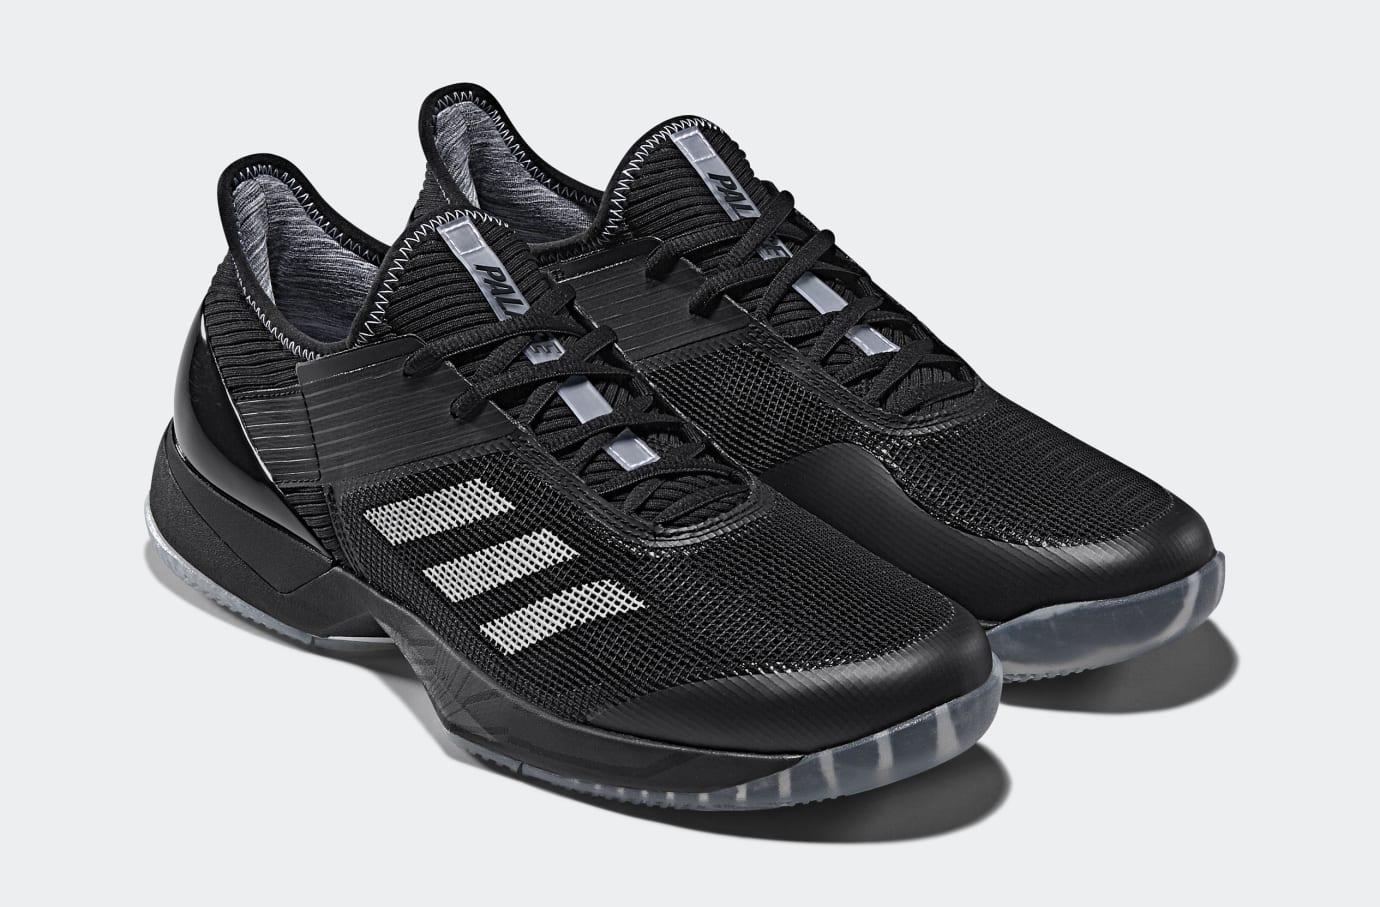 Palace x Adidas Ubersonic 3 Black CG6374 (Pair)